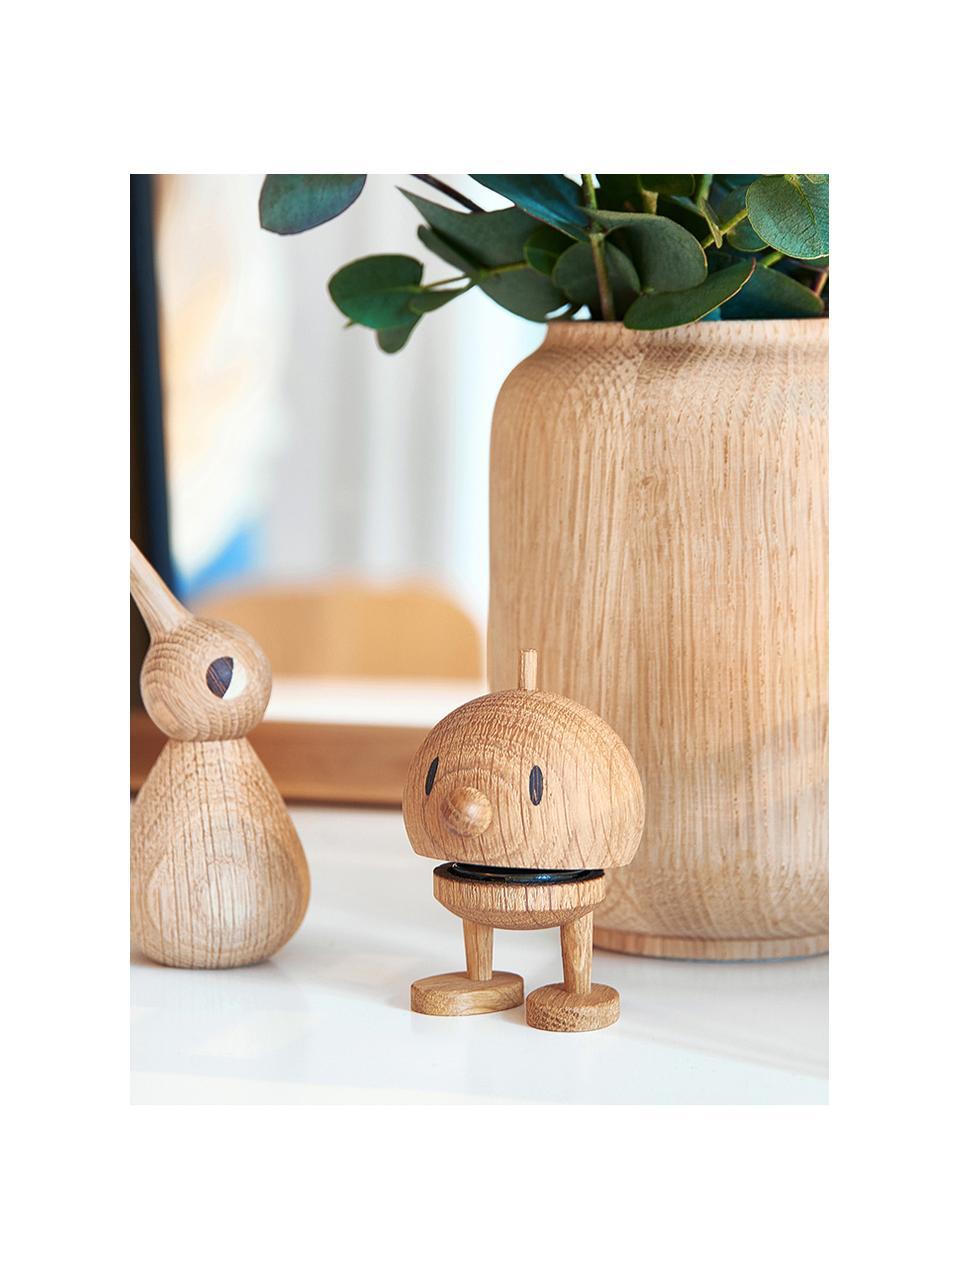 Dekoracja Baby Woody Bumble, Korpus: drewno dębowe, Brązowy, Ø 5 x W 7 cm